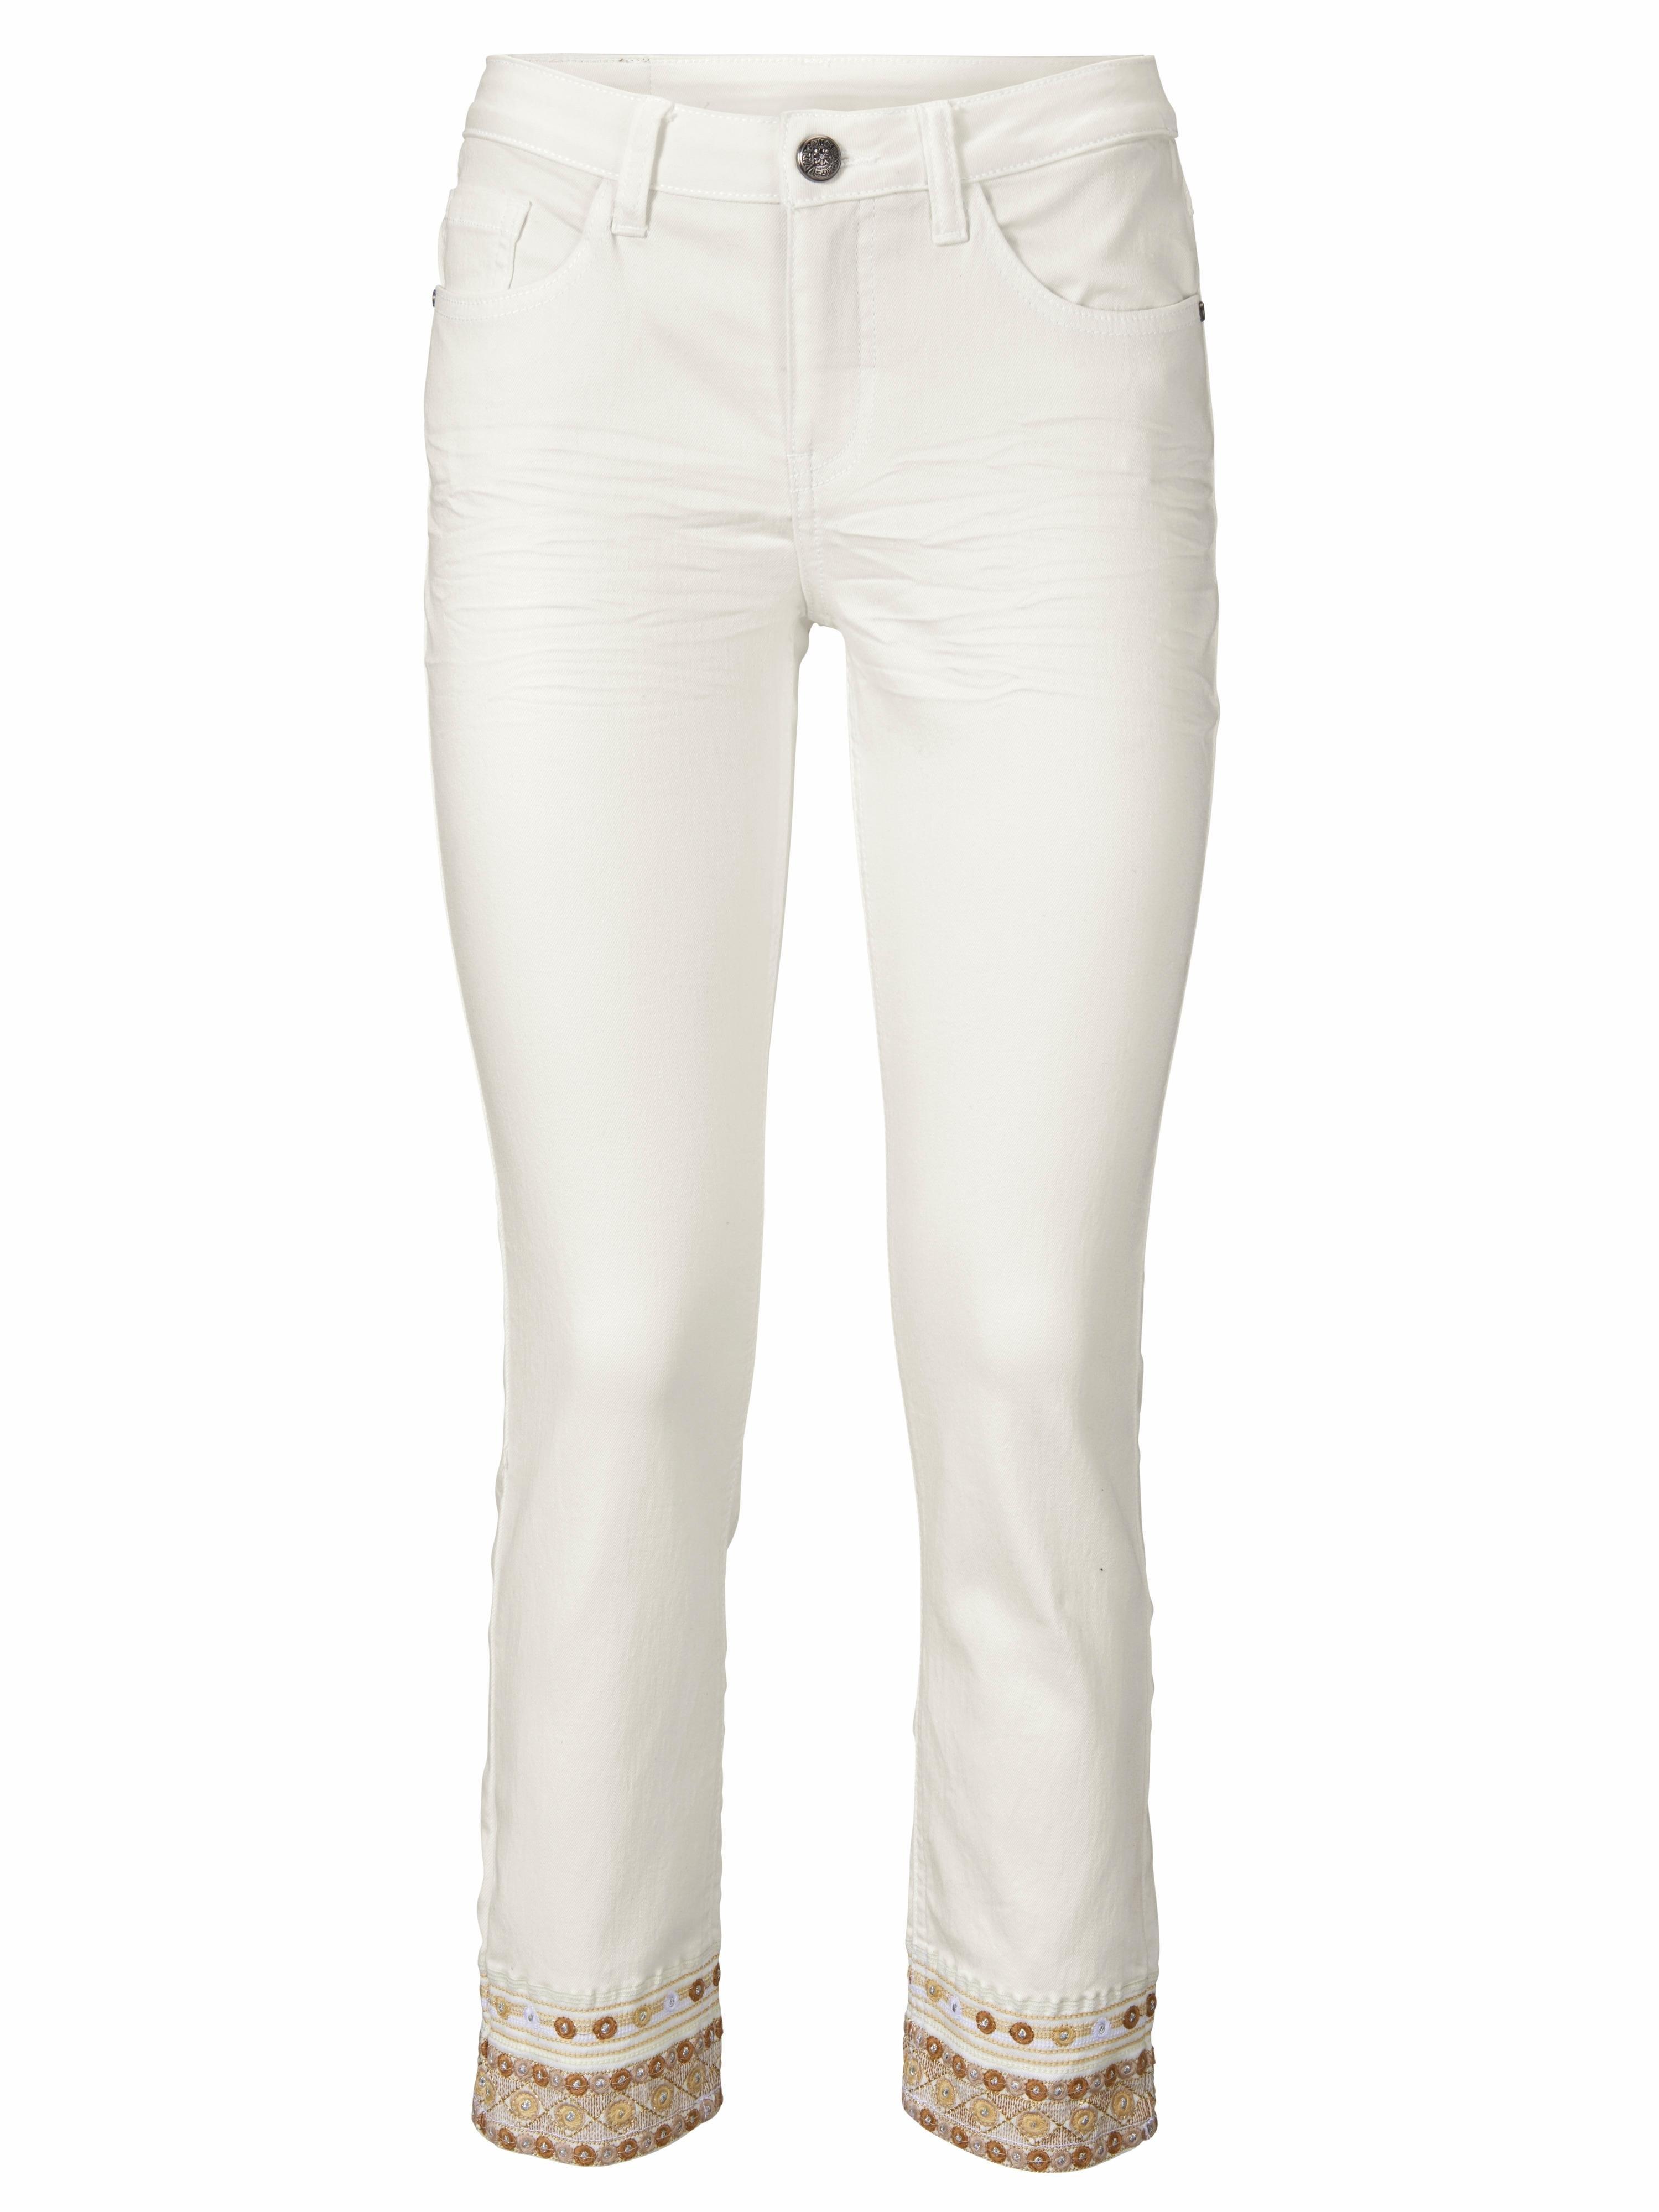 Makkelijk Makkelijk 7 Makkelijk 8 8 jeans 7 jeans jeans 7 8 Gevonden Gevonden LqMpUzGSV